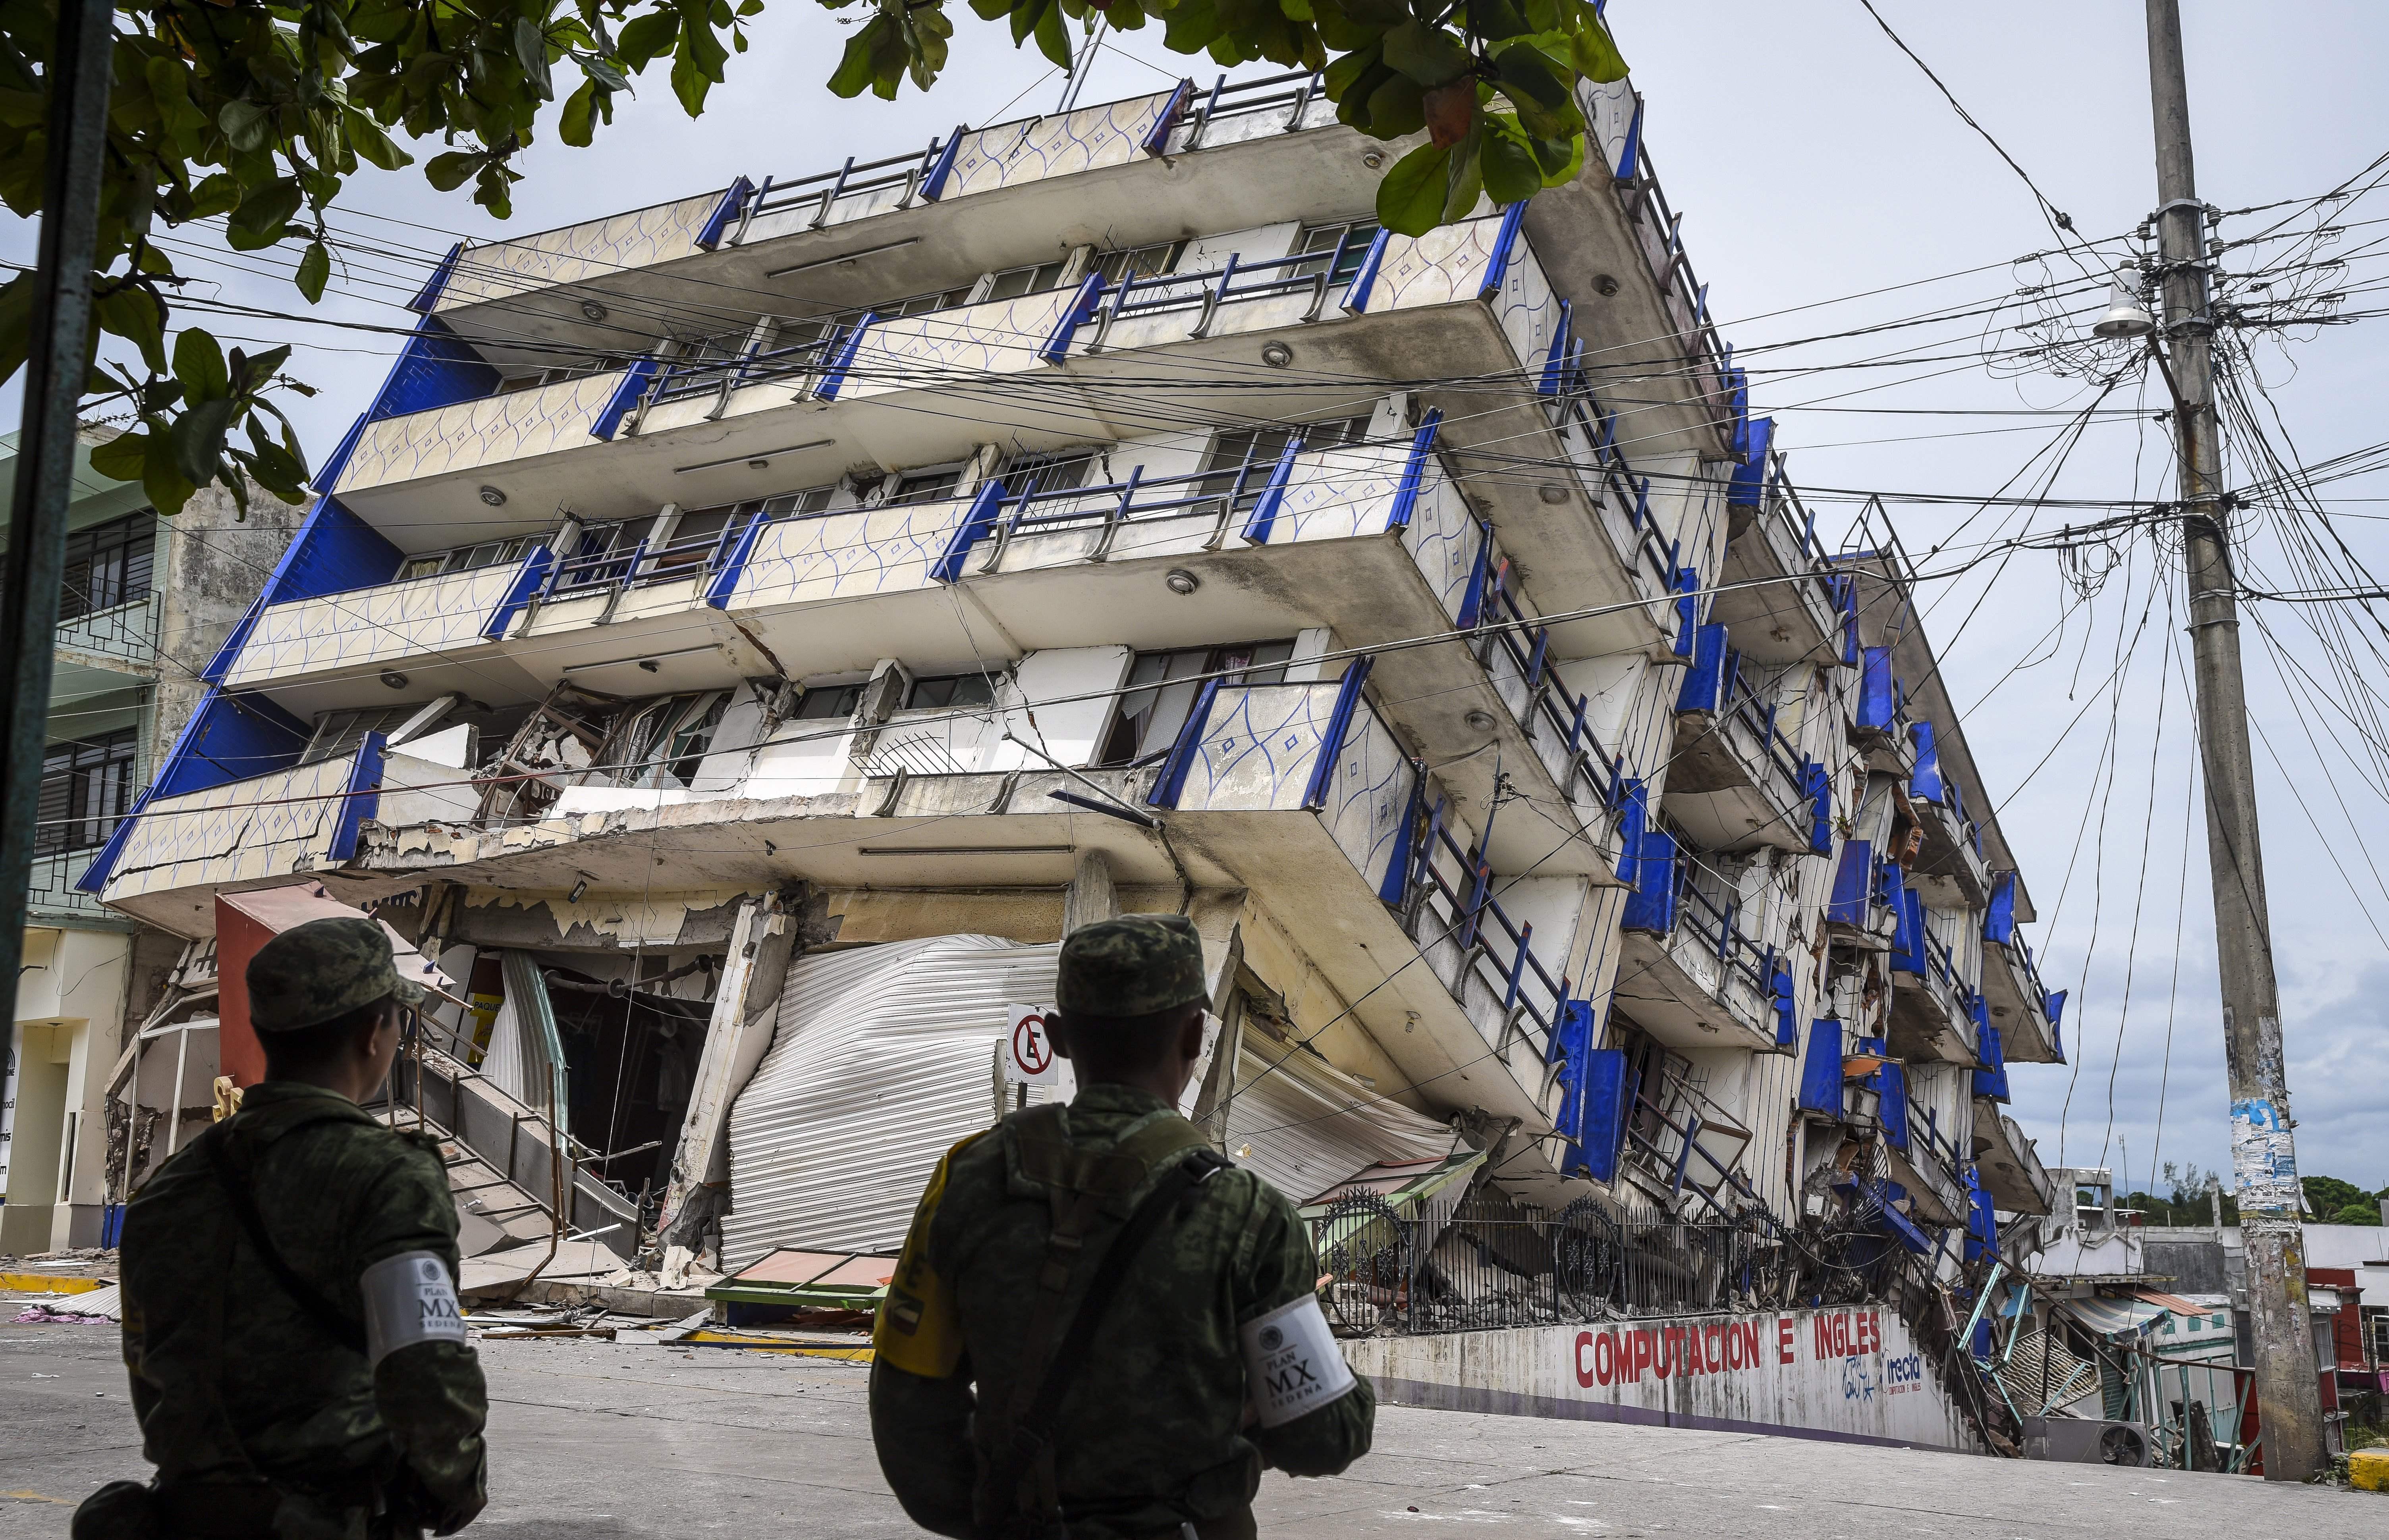 El Terremoto Mas Fuerte En 100 Anos En Mexico Deja Decenas De Muertos Cnn